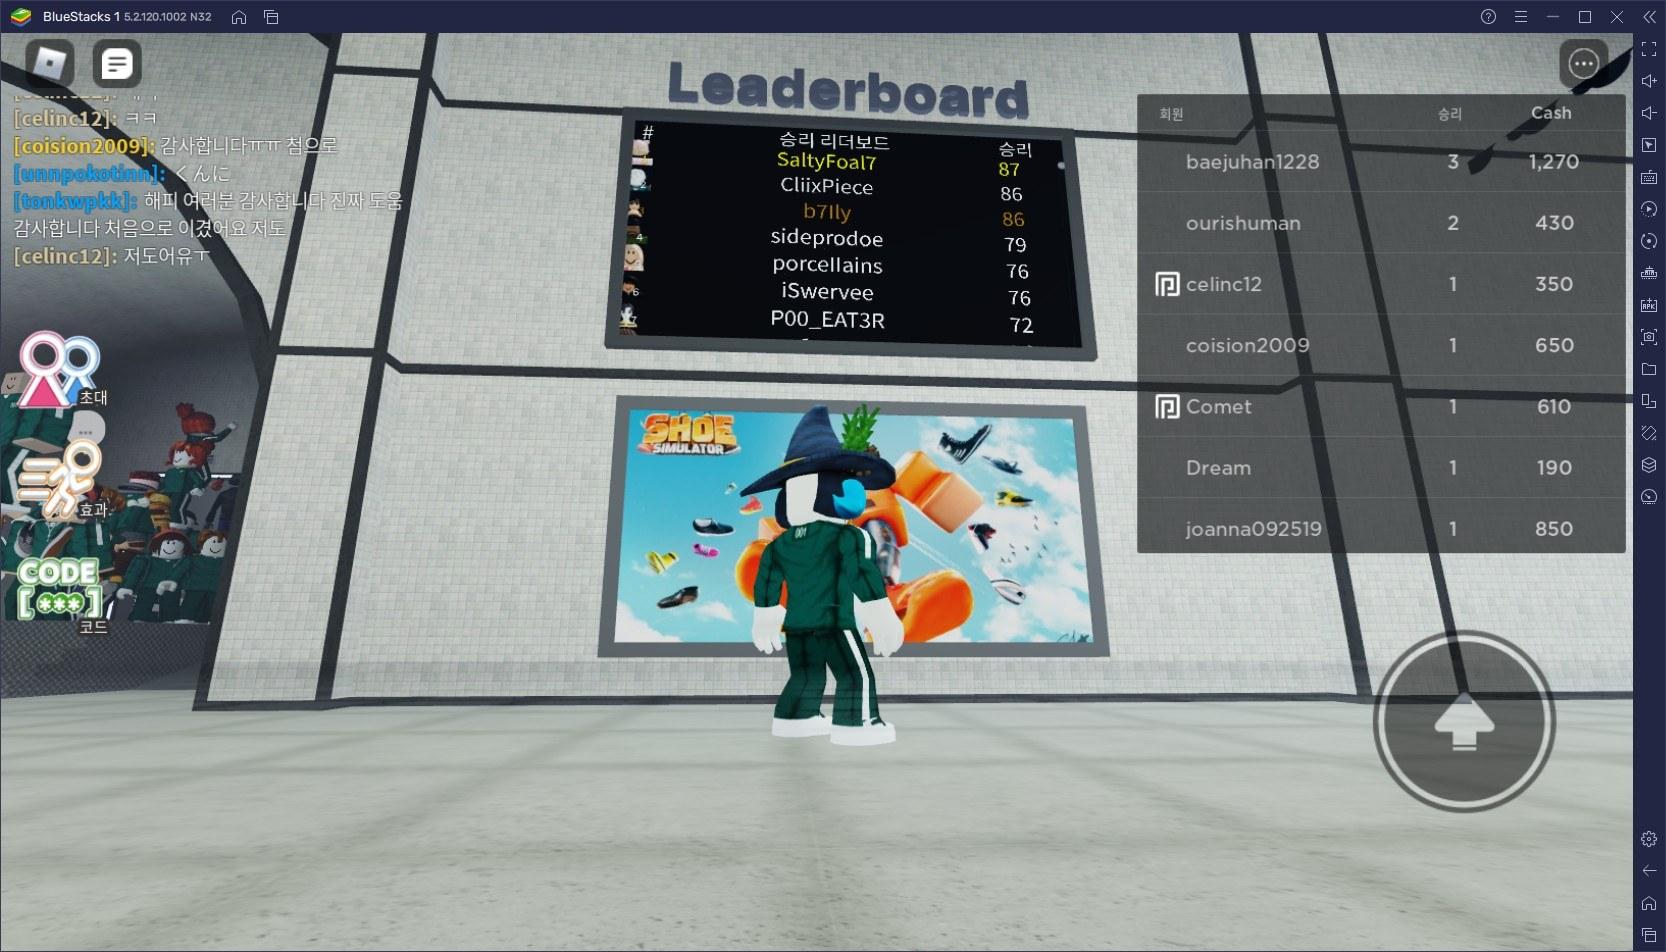 전세계를 열광시킨 오징어 게임, 블루스택에서 만날 수 있는 로블록스로 직접 즐겨보세요!